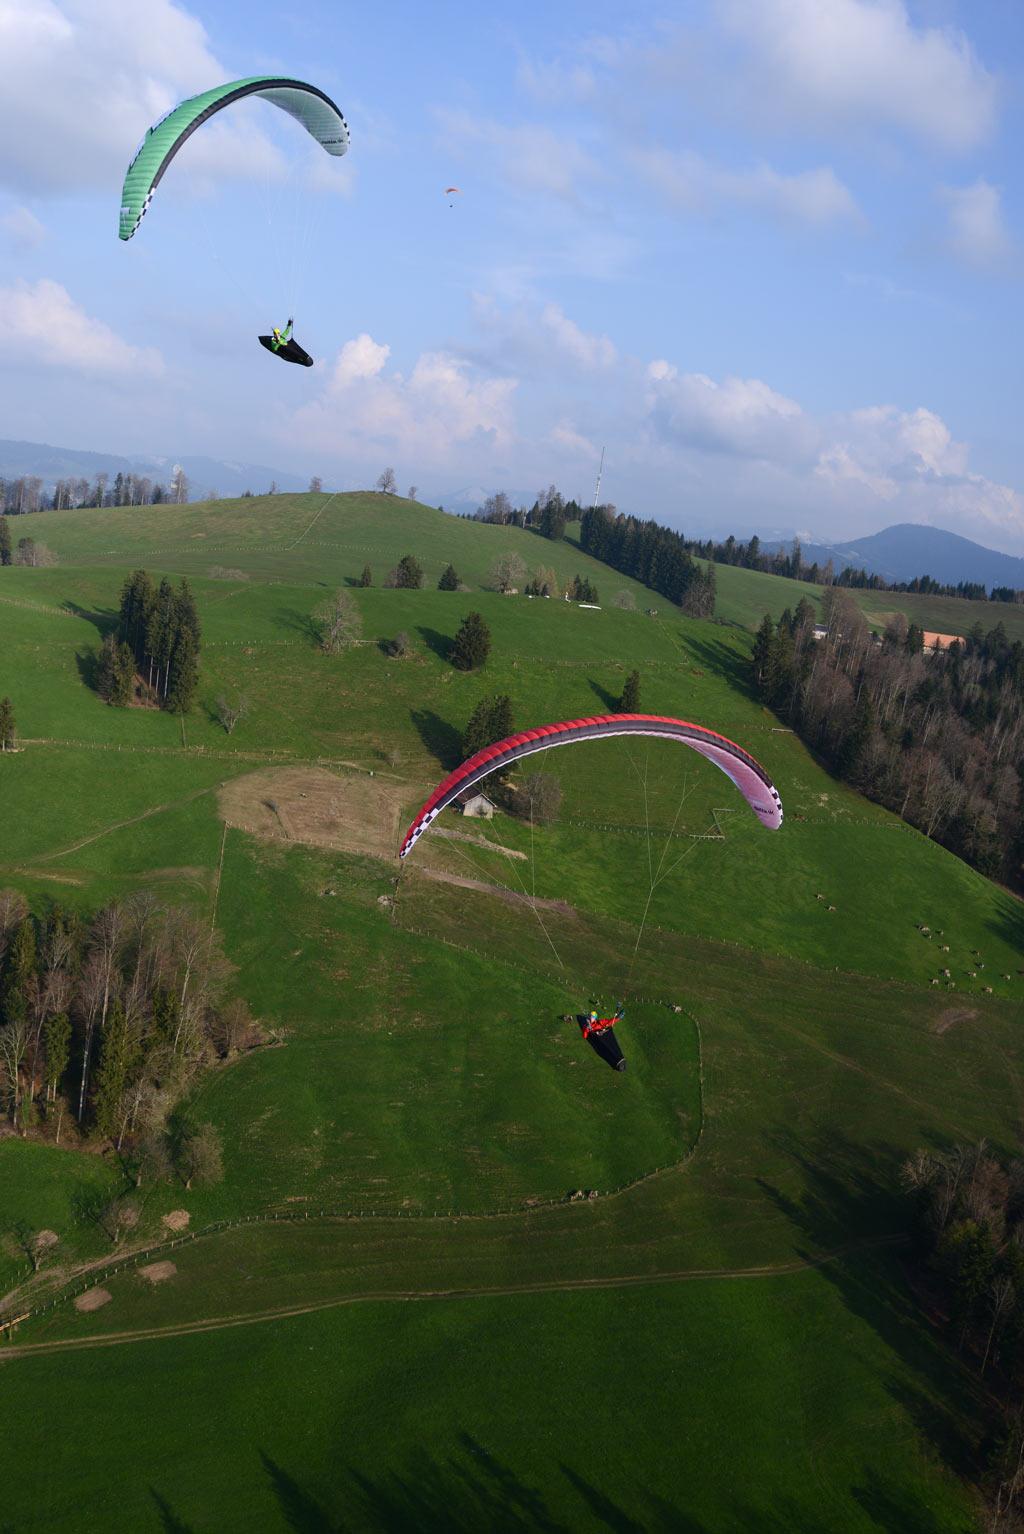 Die Piloten haben den Thermikschlauch gefunden und machen mit Kreisen in derselben Drehrichtung Höhe.